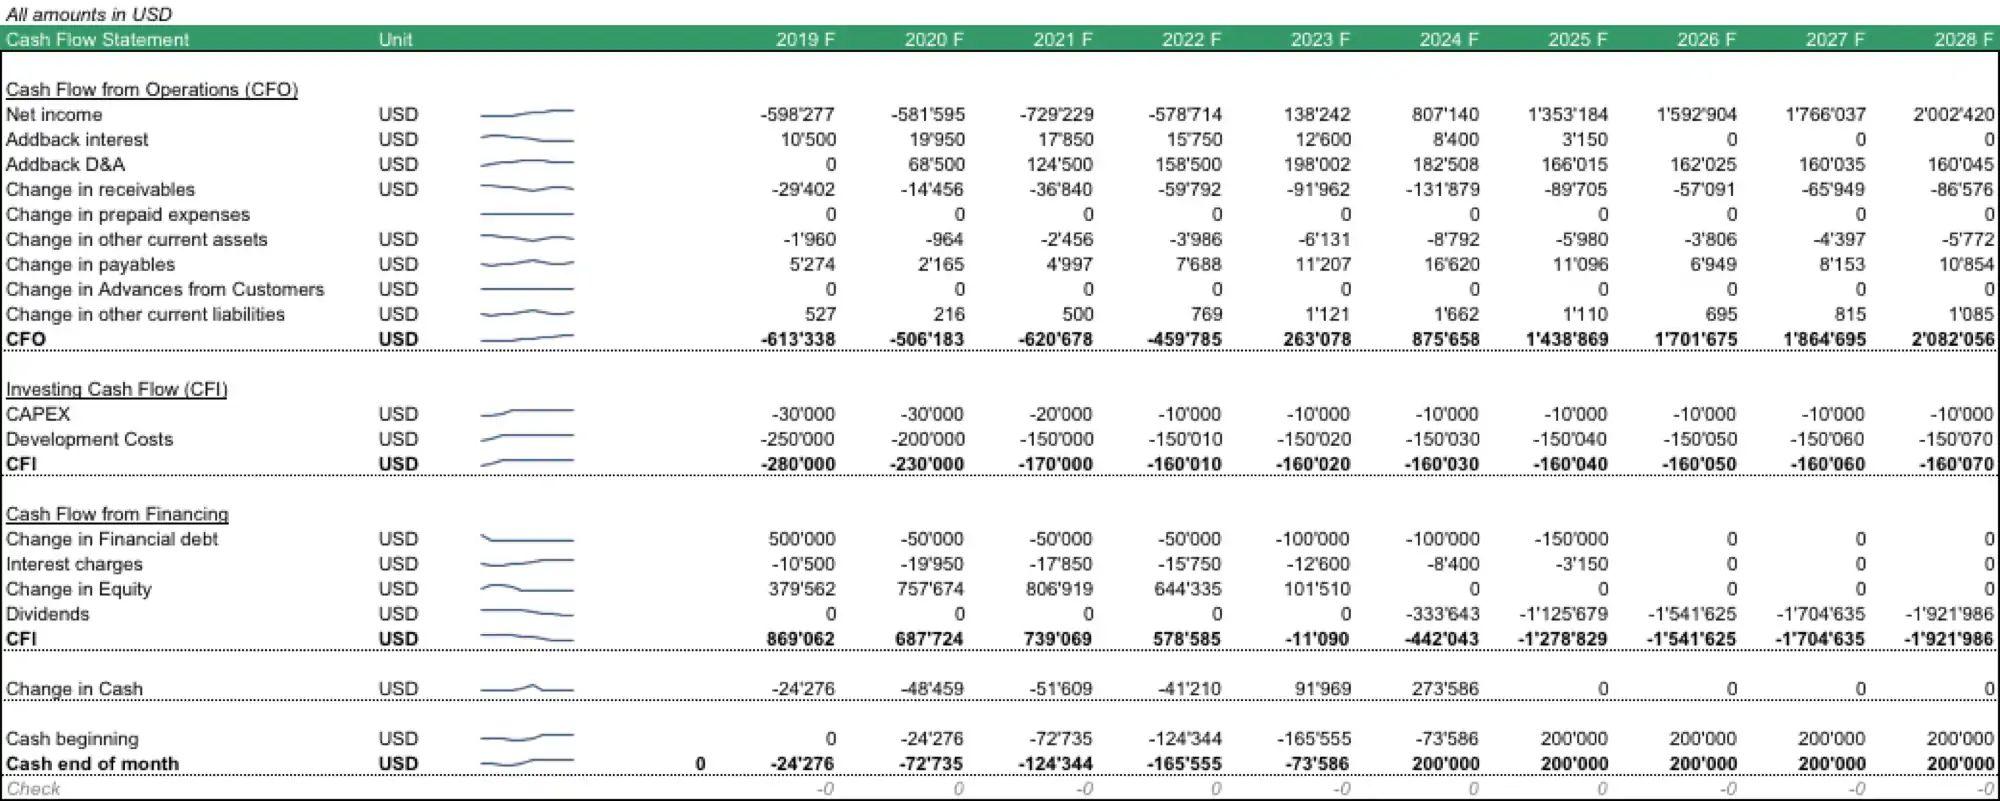 cash flow tables